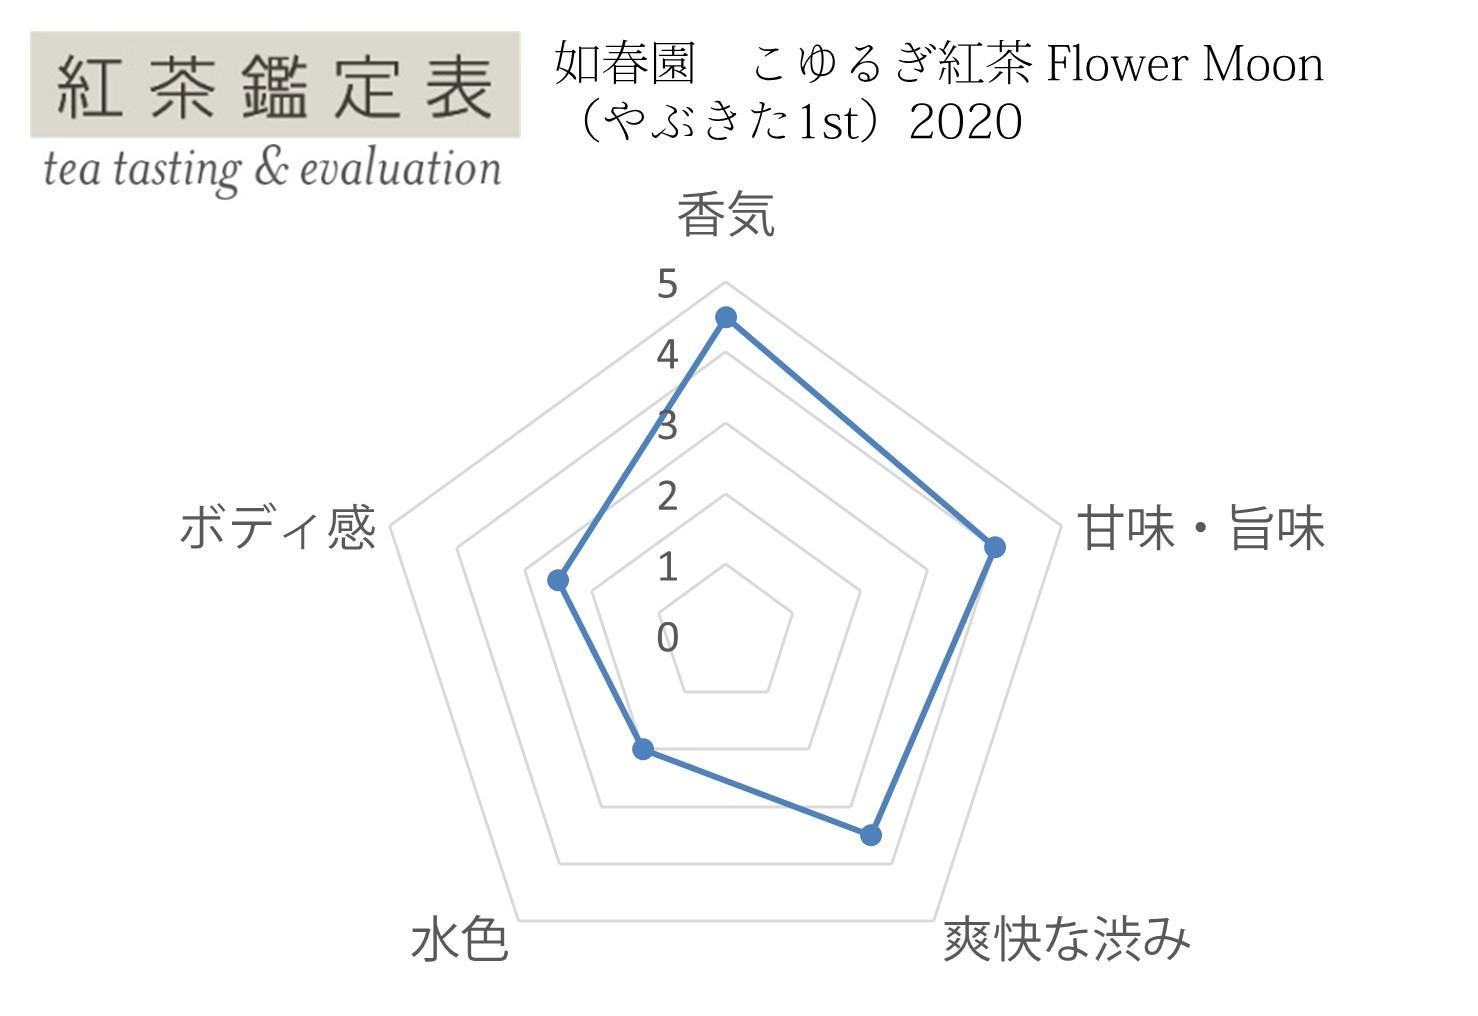 【紅茶鑑定表】如春園 やぶきた1st Flower Moon